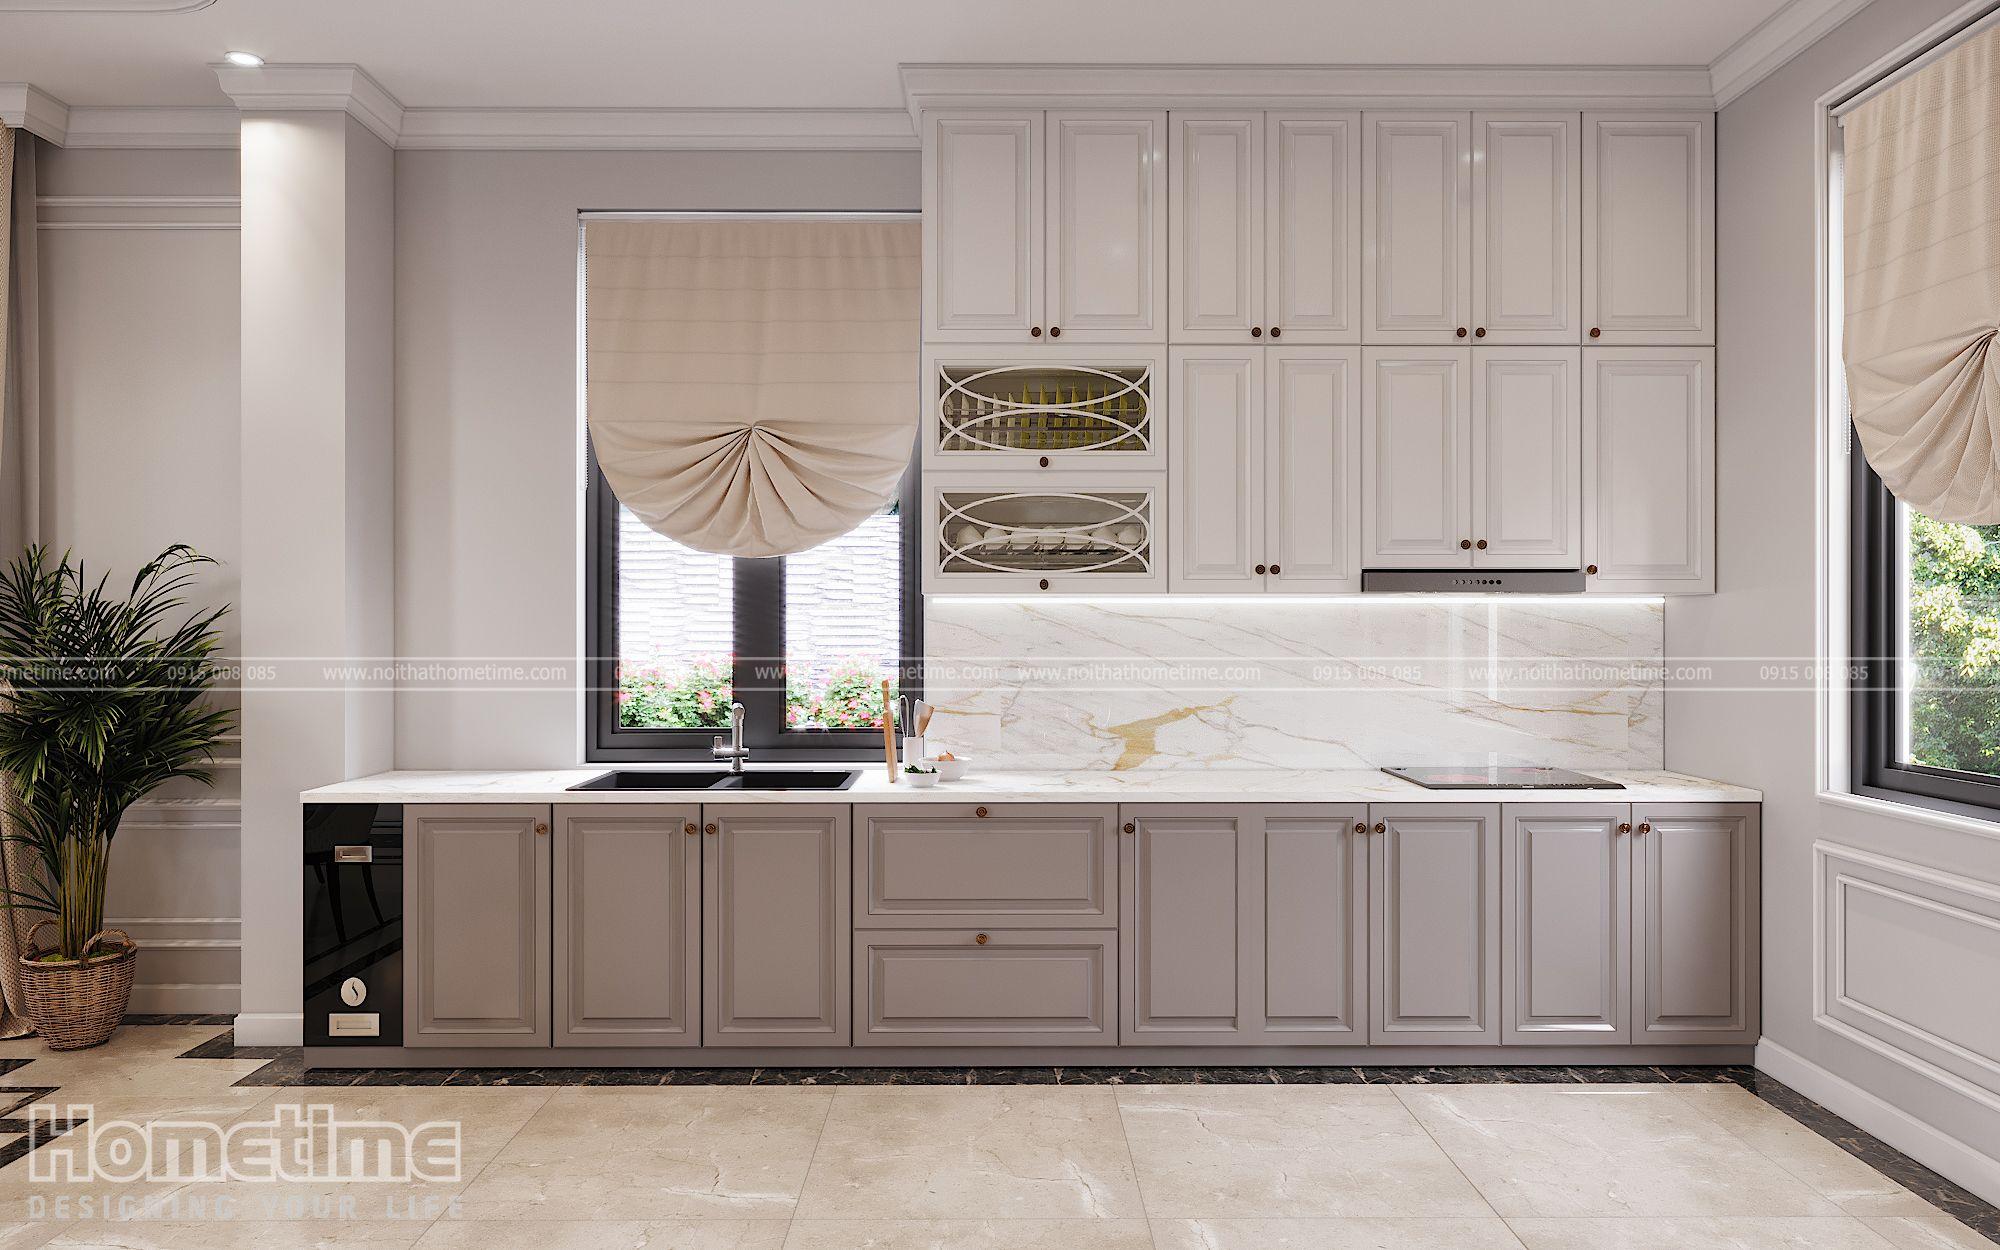 Tủ bếp Tân Cổ Điển với thiết kế cánh lô